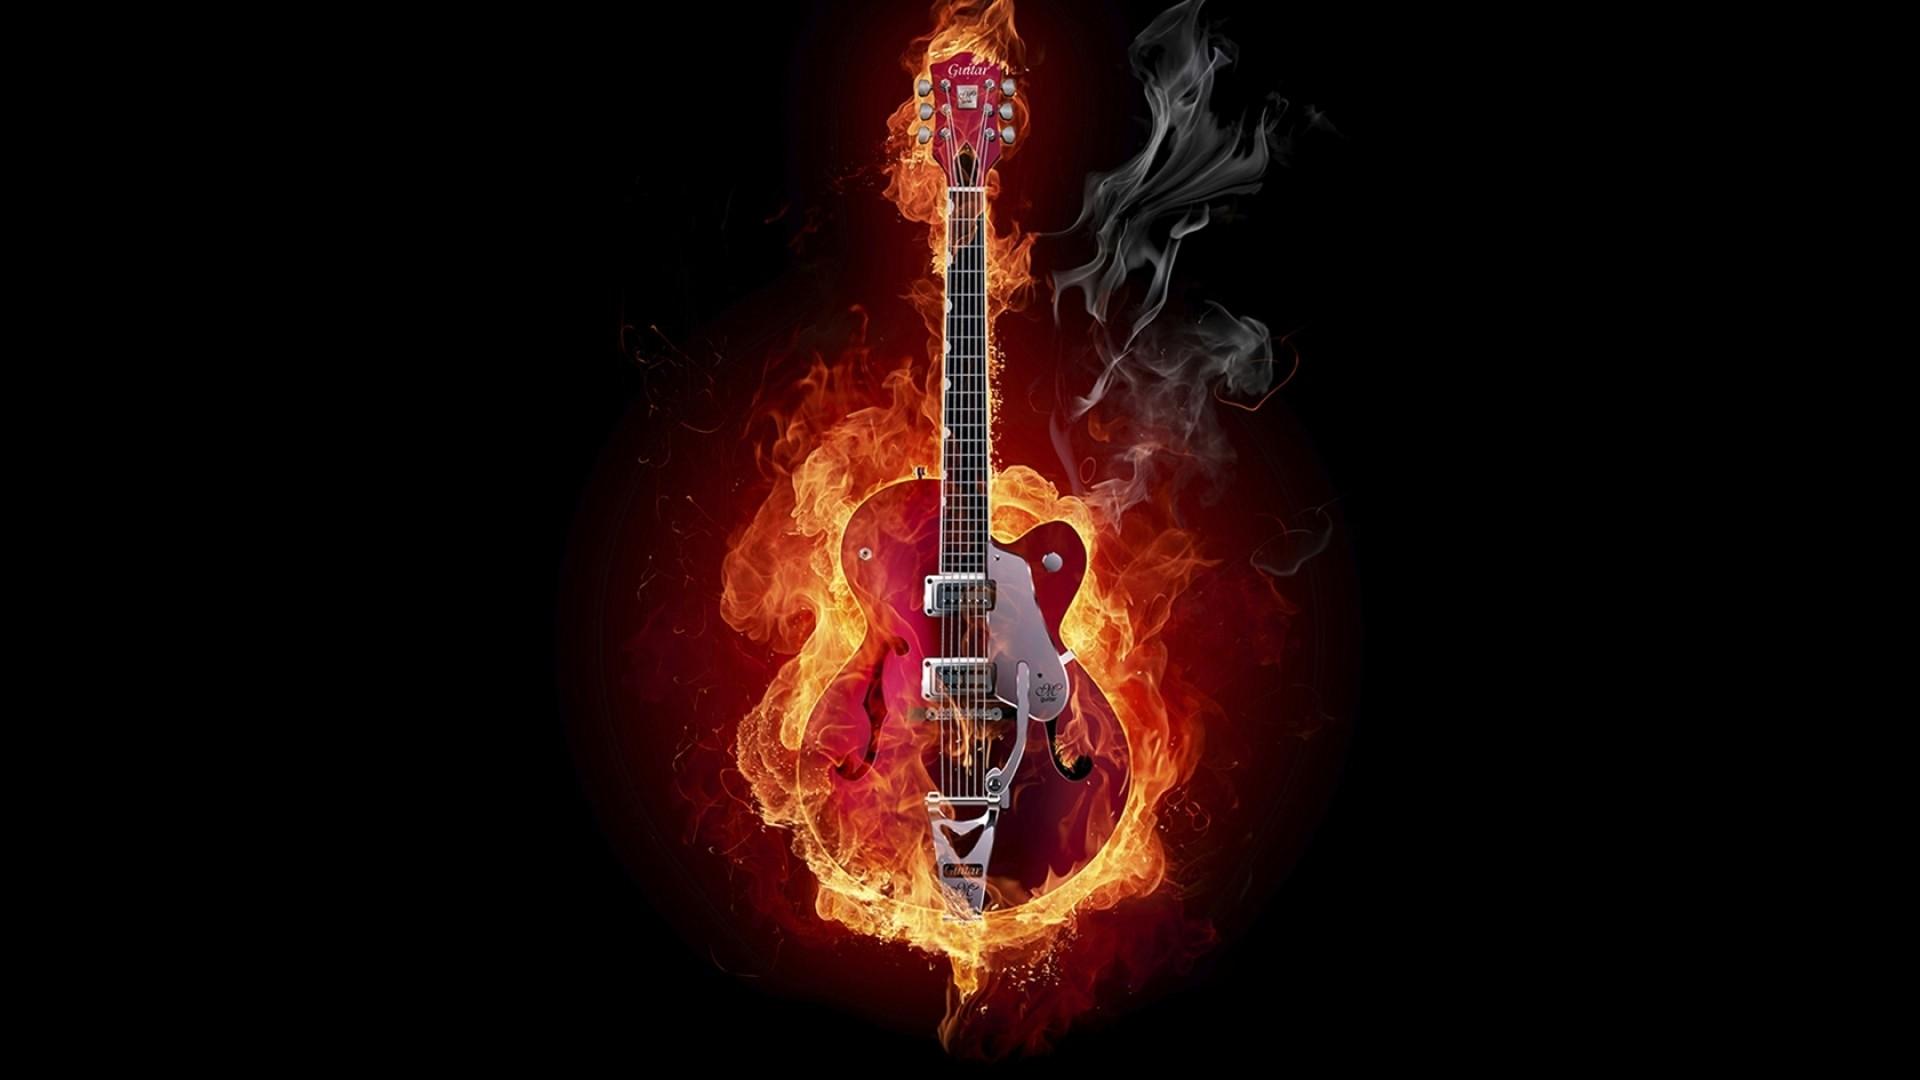 Hd wallpaper gitar - 1920x1080 Preview Wallpaper Guitar Fire Instrument Smoke Background 1920x1080